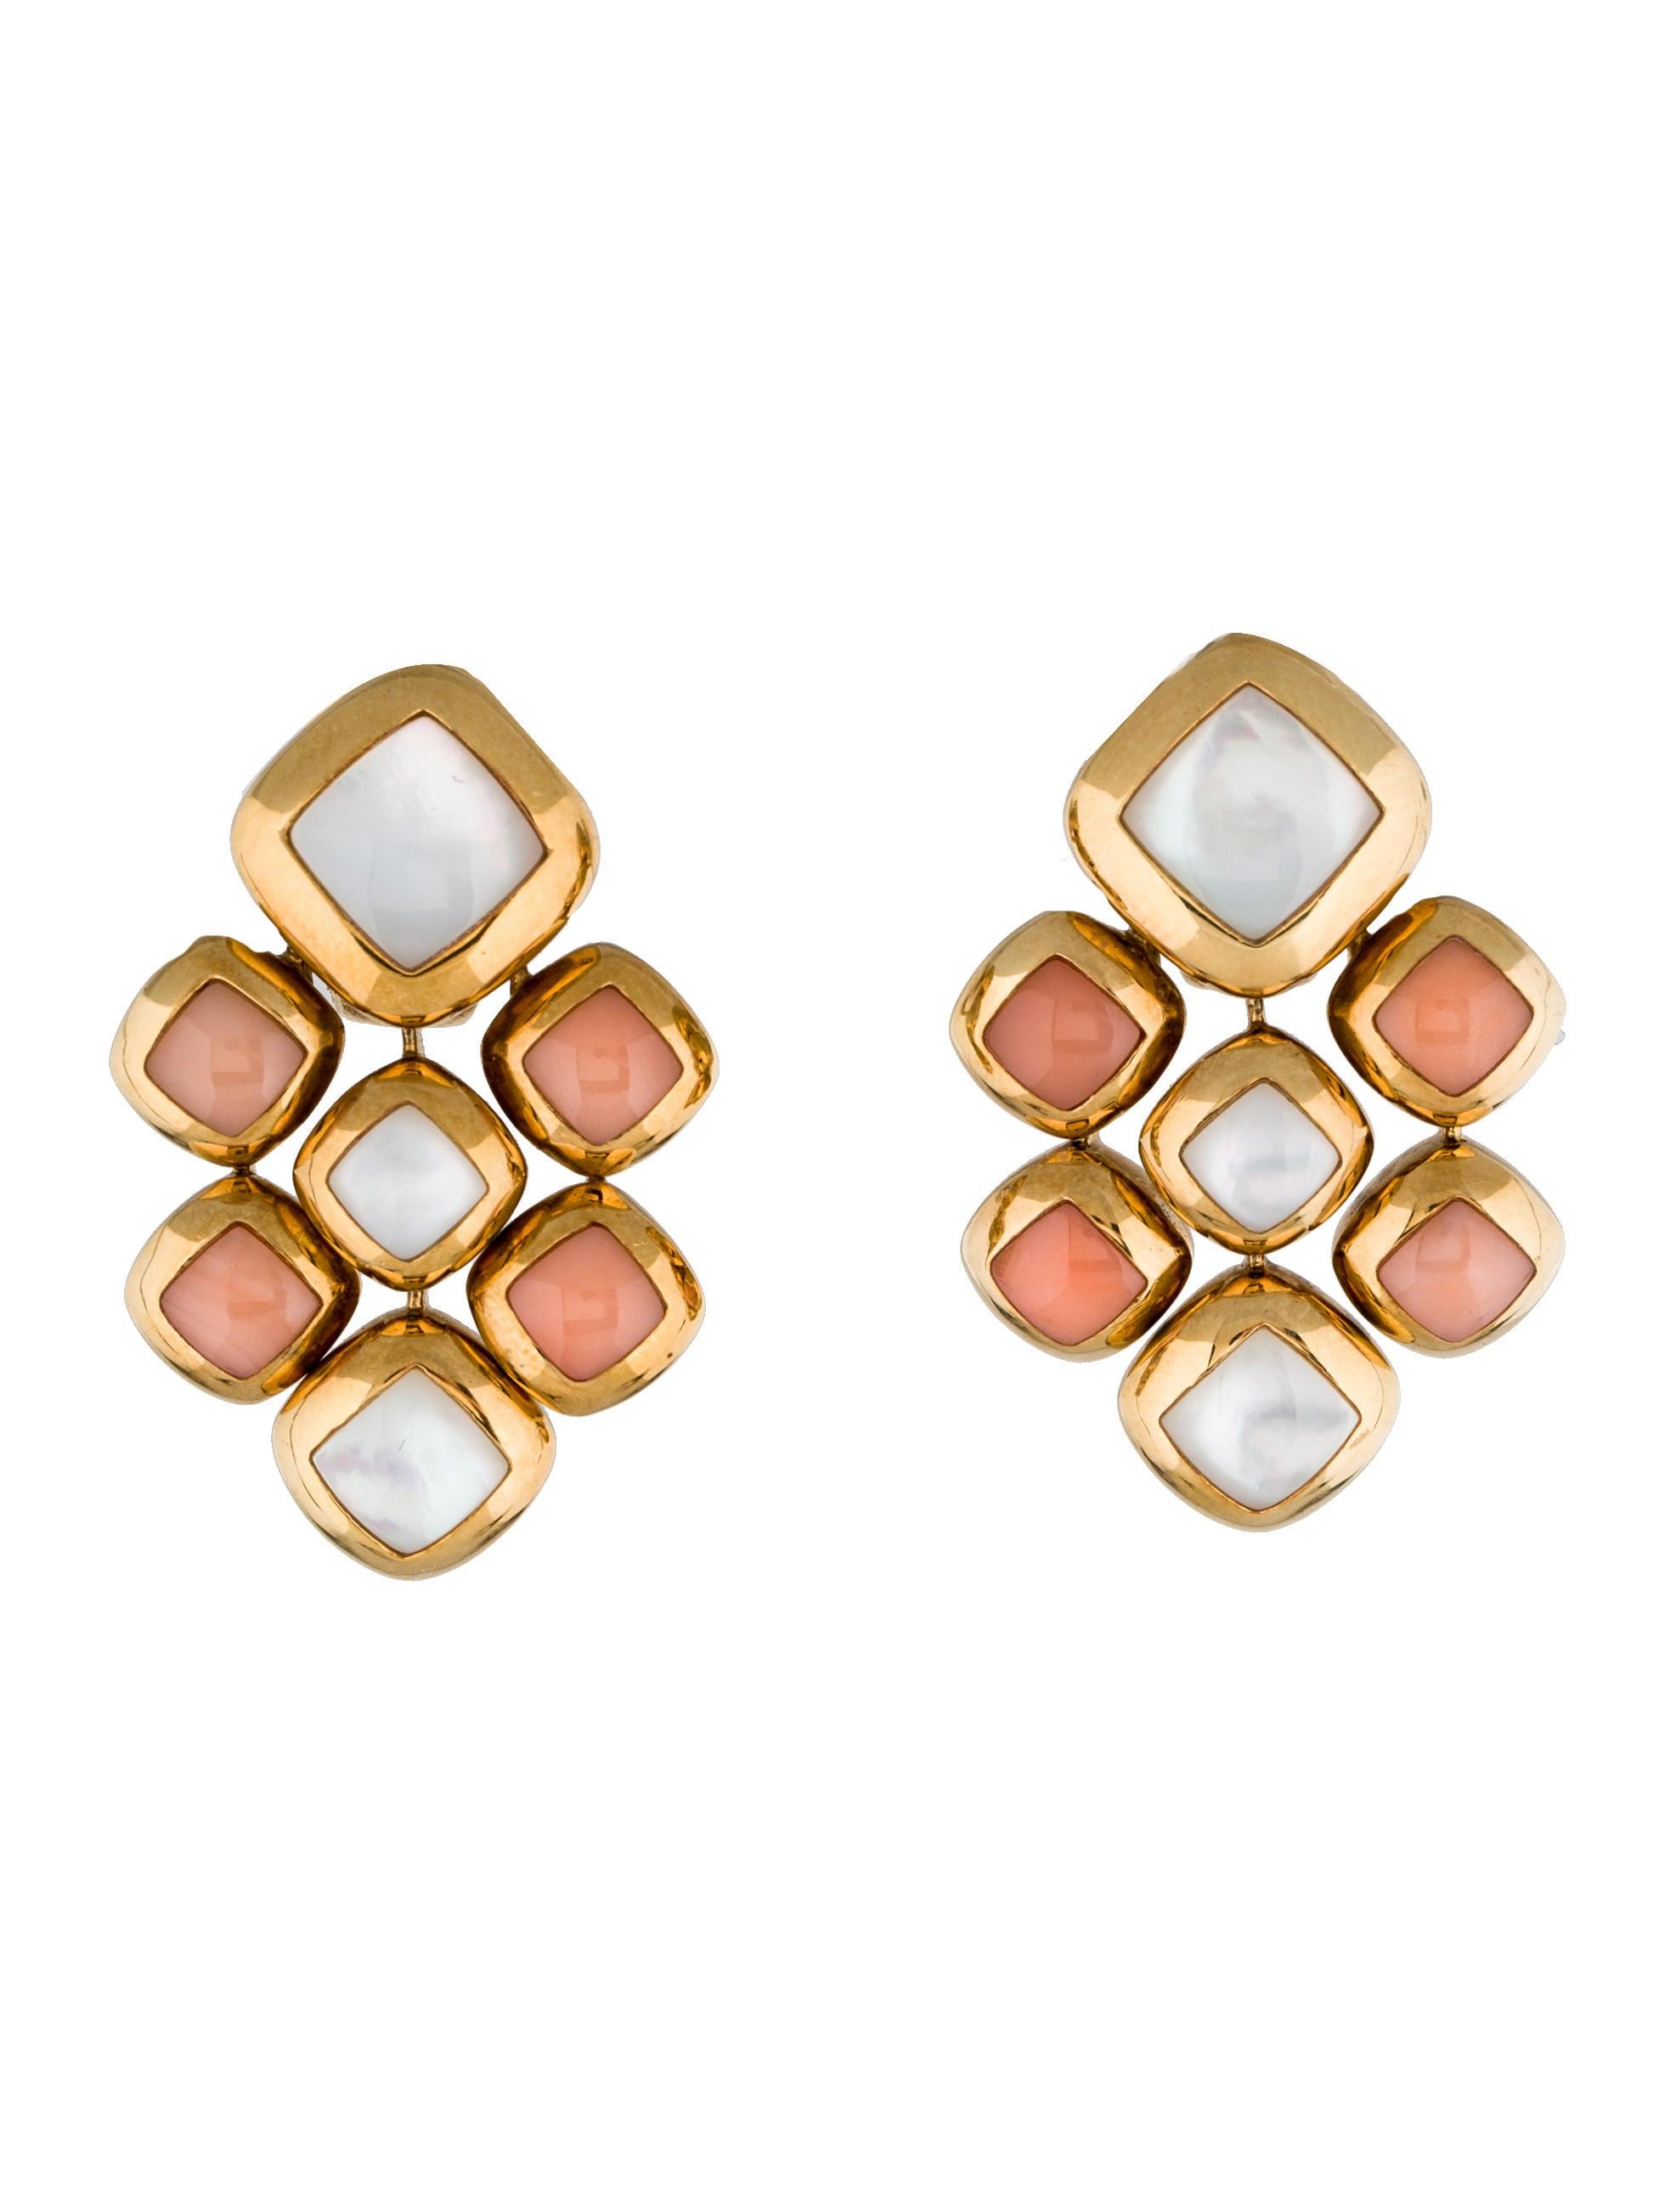 Van Cleef Amp Arpels Coral And Mother Of Pearl Drop Earrings